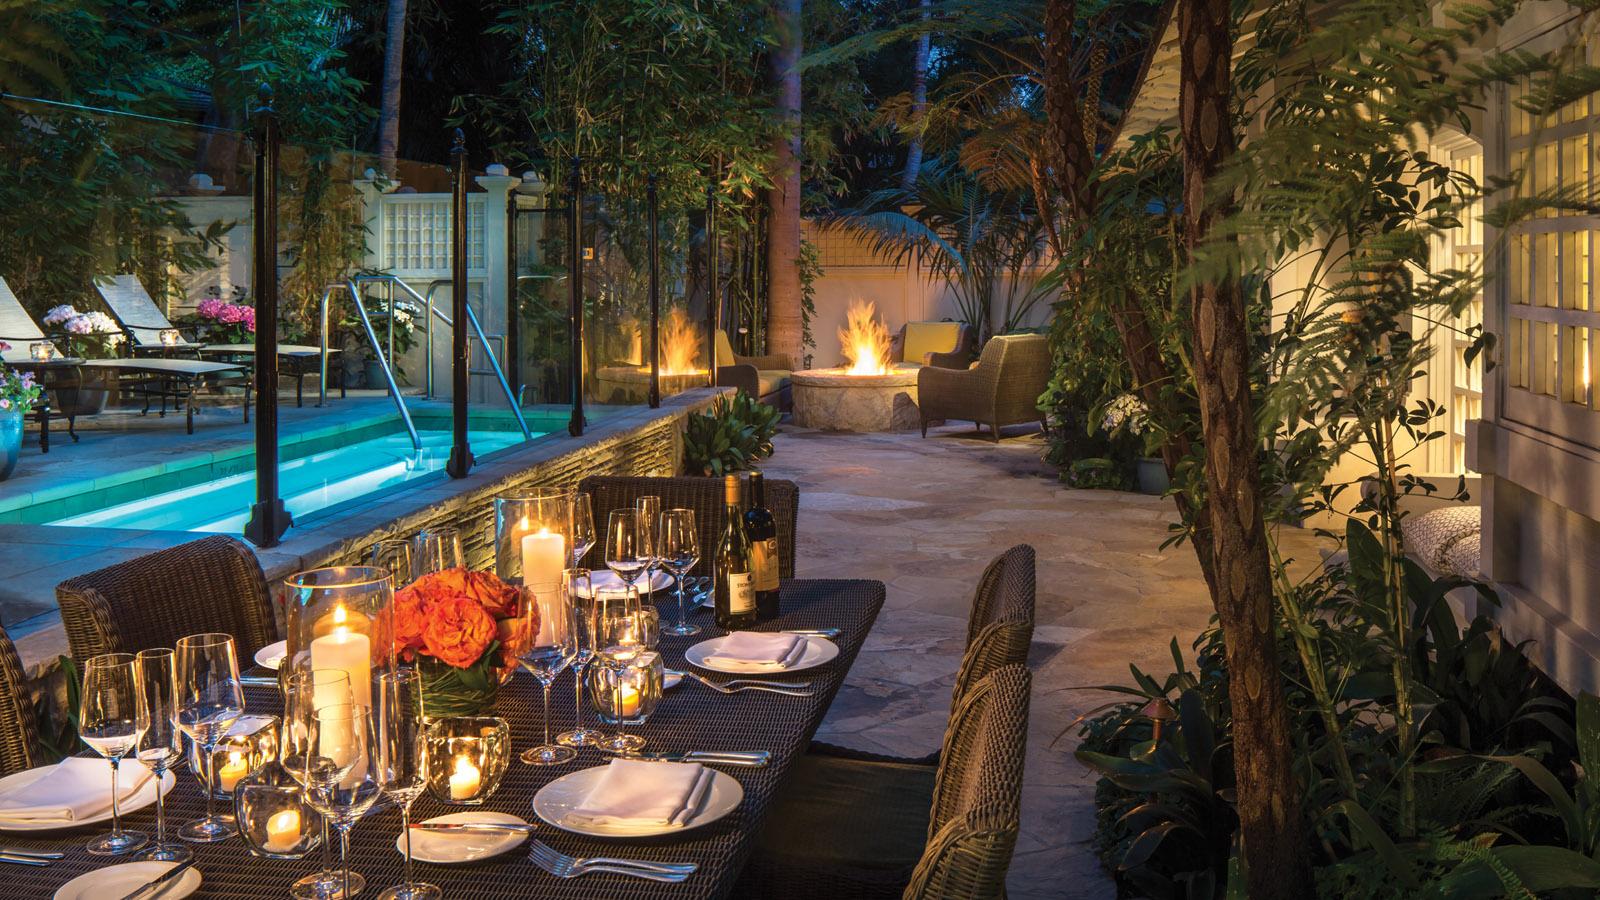 Dream Wedding Venues in Santa Barbara - Four Seasons Resort The ...